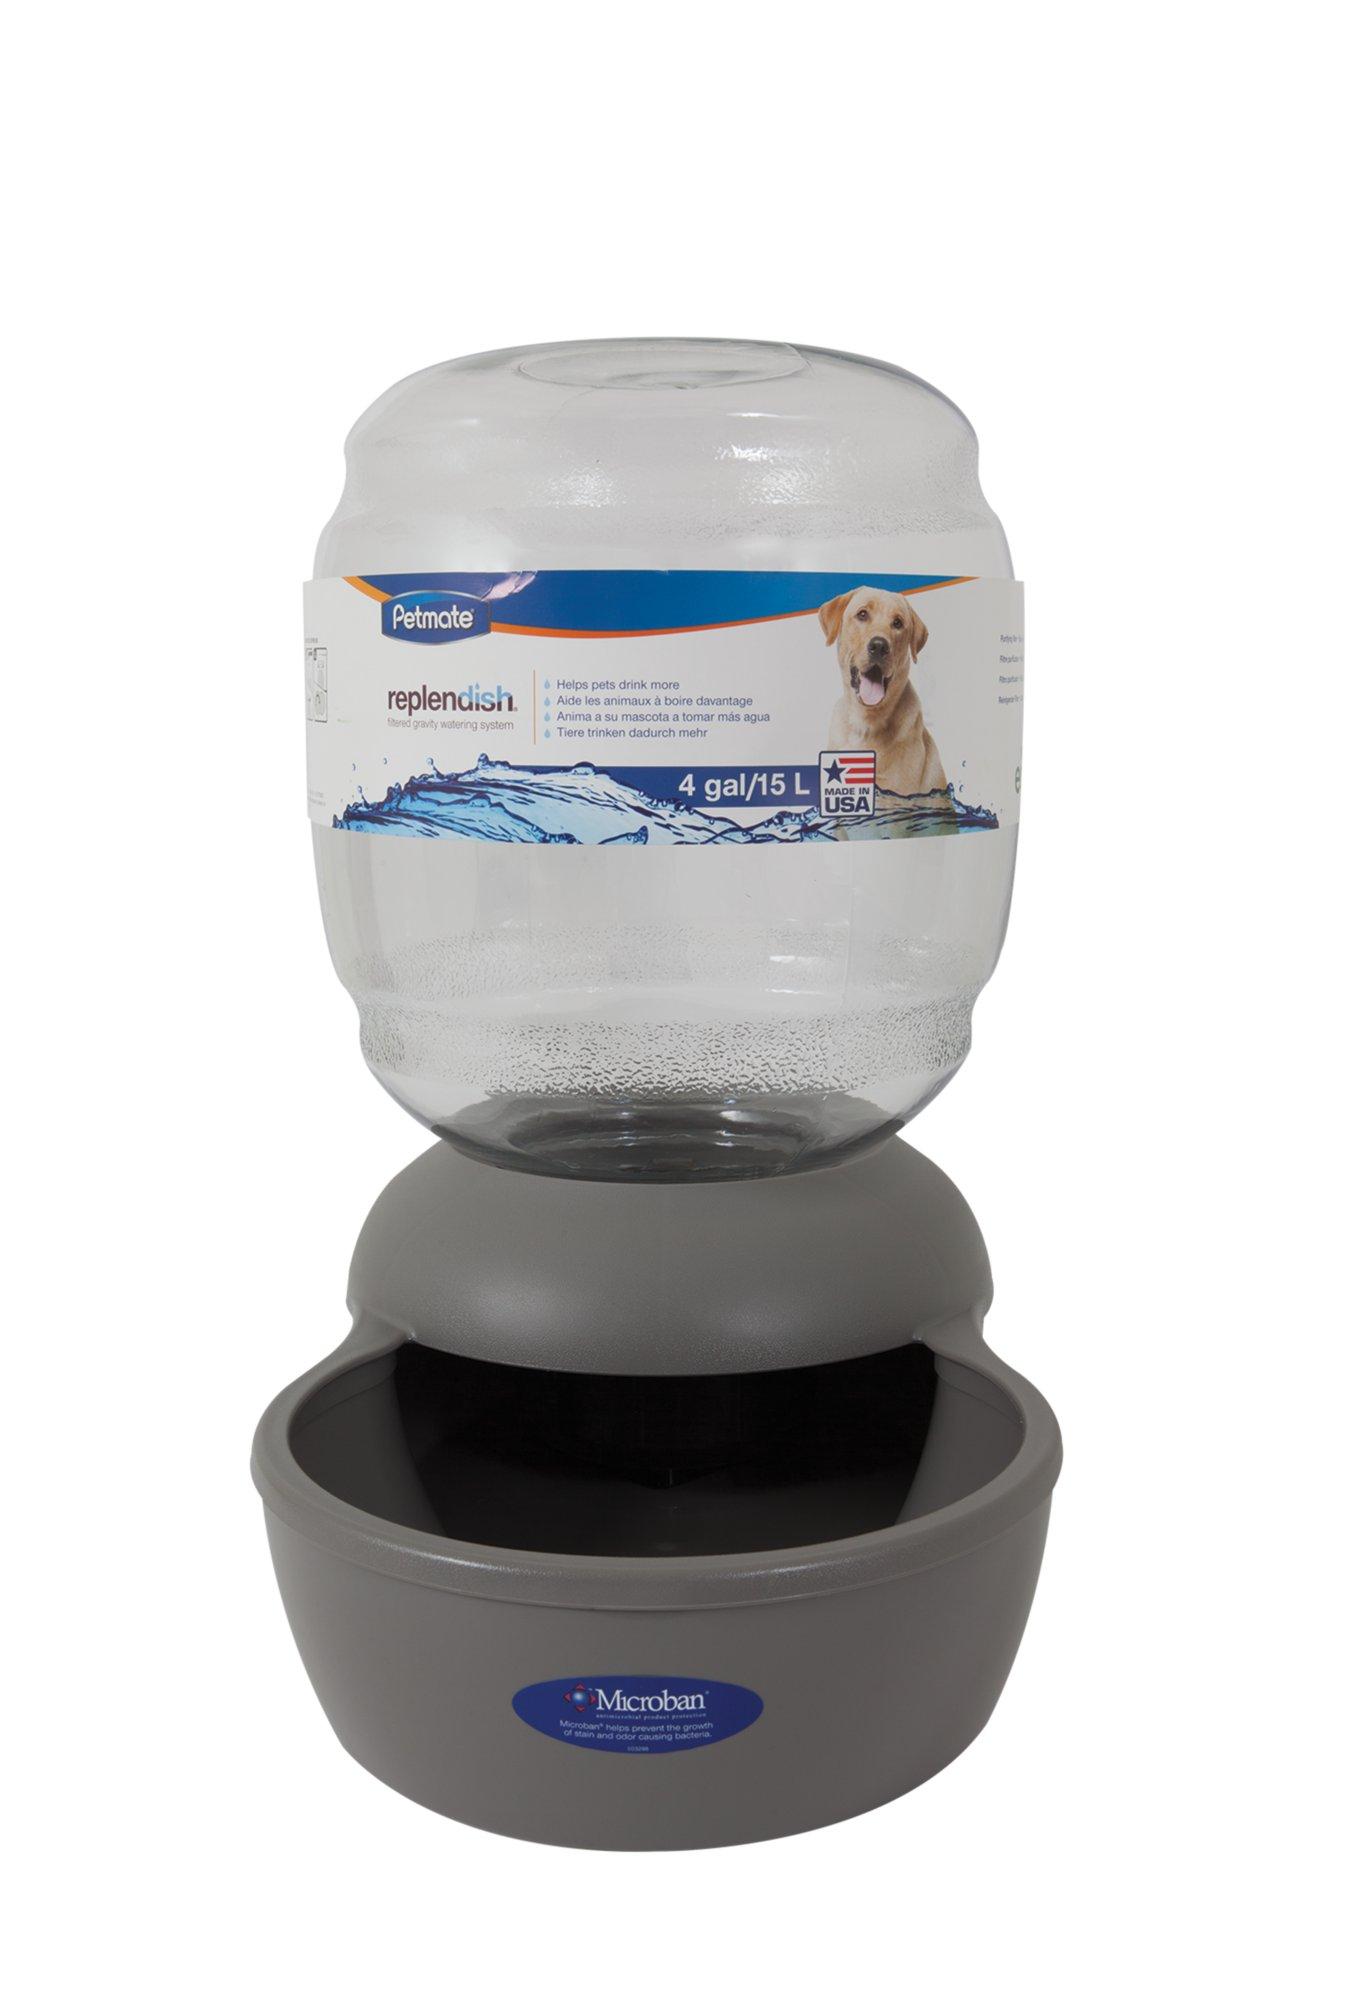 Gravity Bowl petmate replendish gravity waterer grey dog bowl | petco